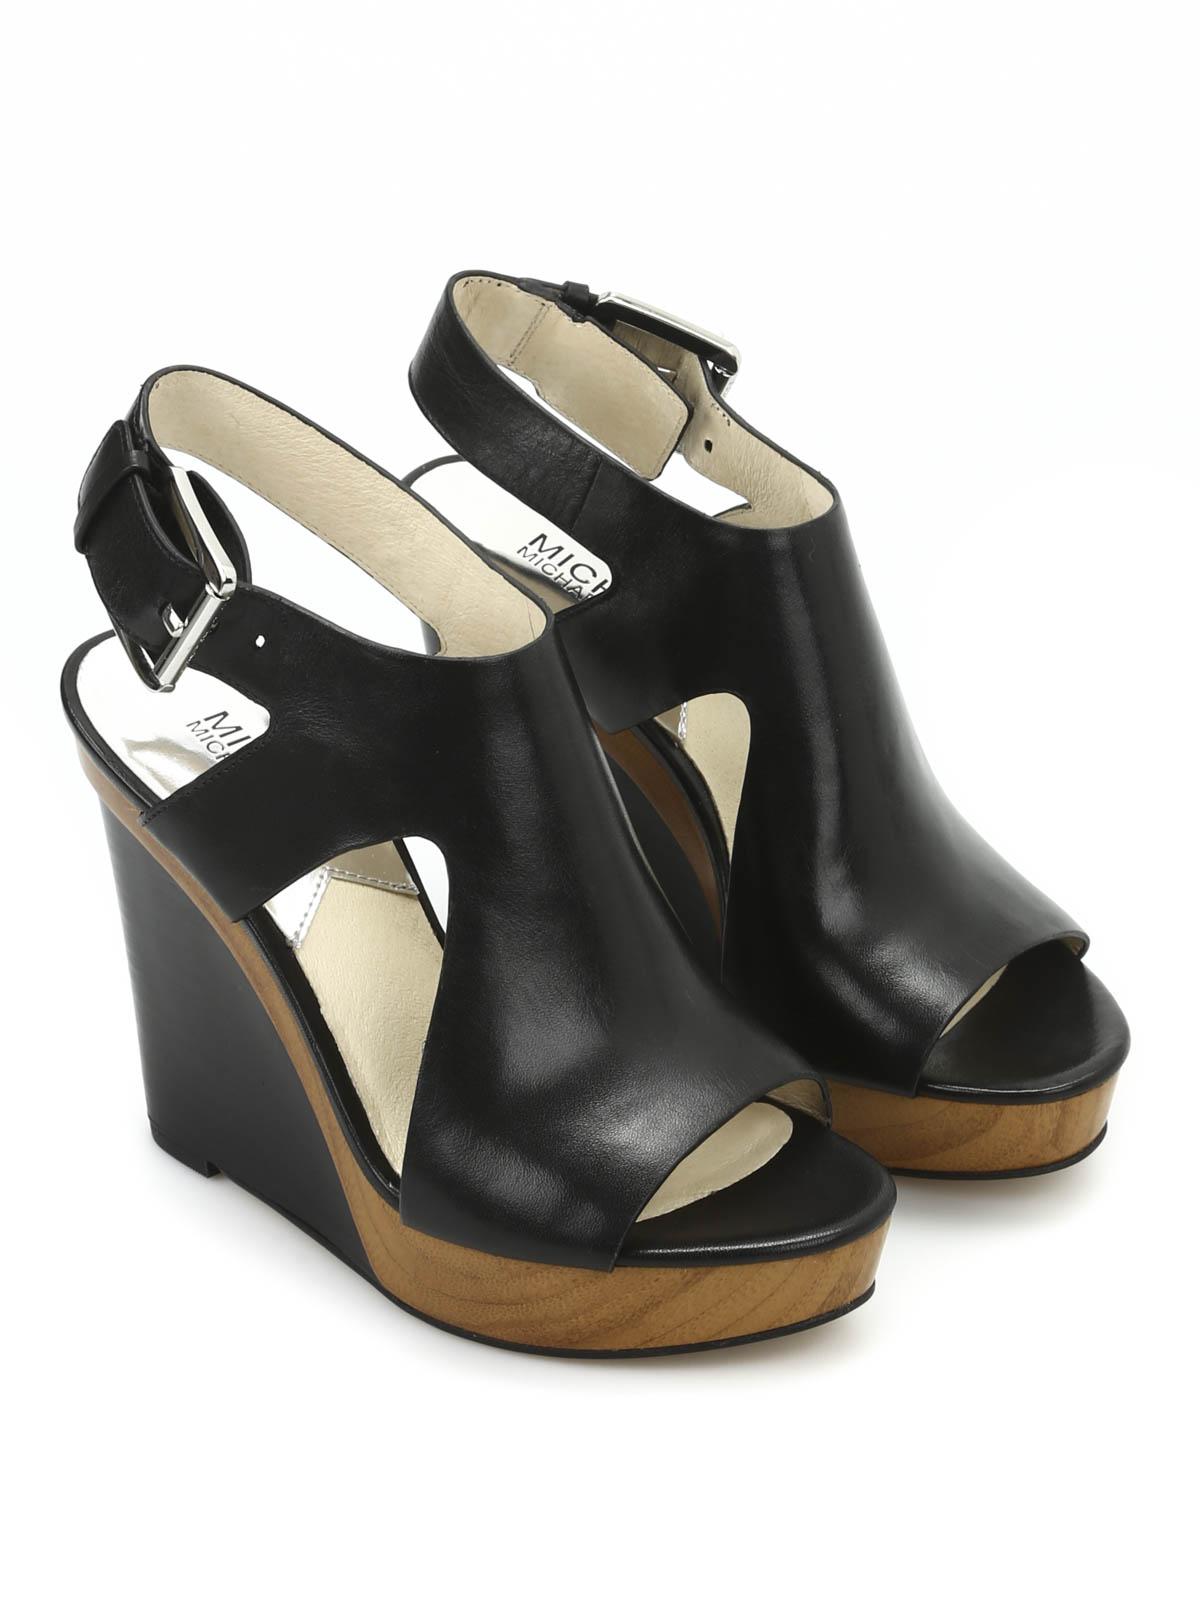 Michael Kors Summer Shoes Sale